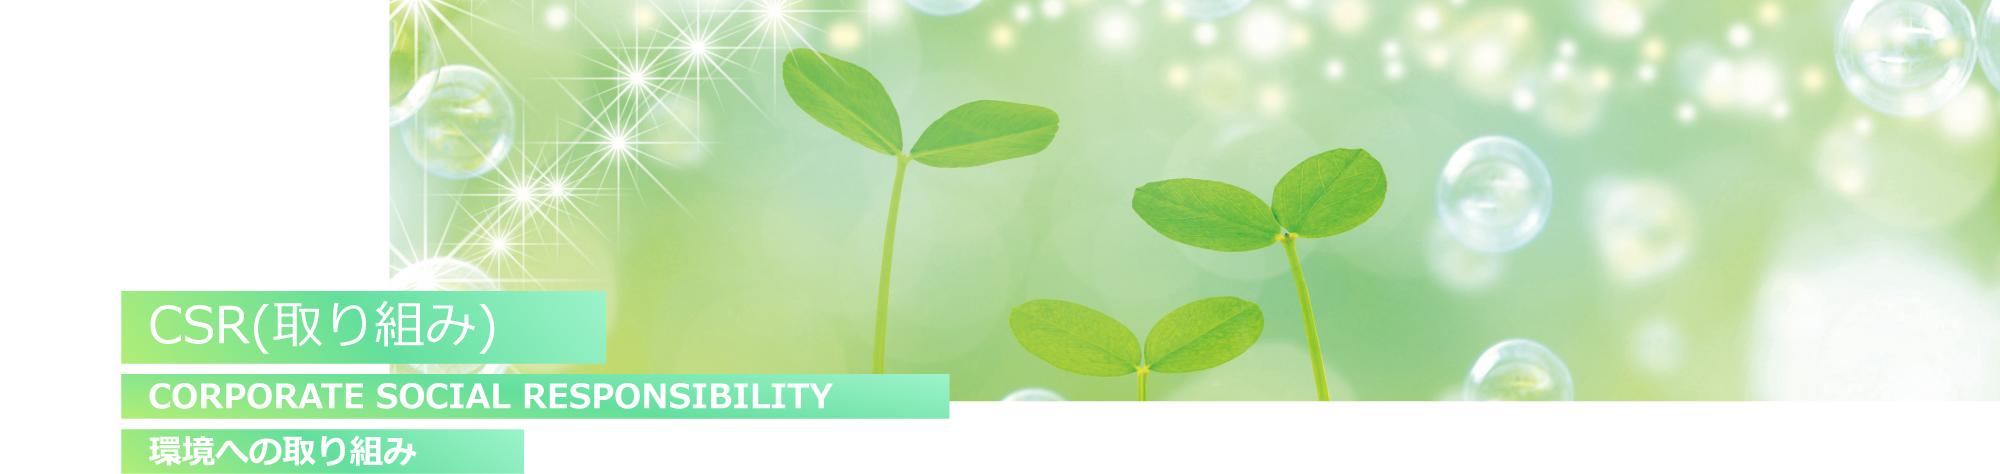 CSR 環境への取り組み